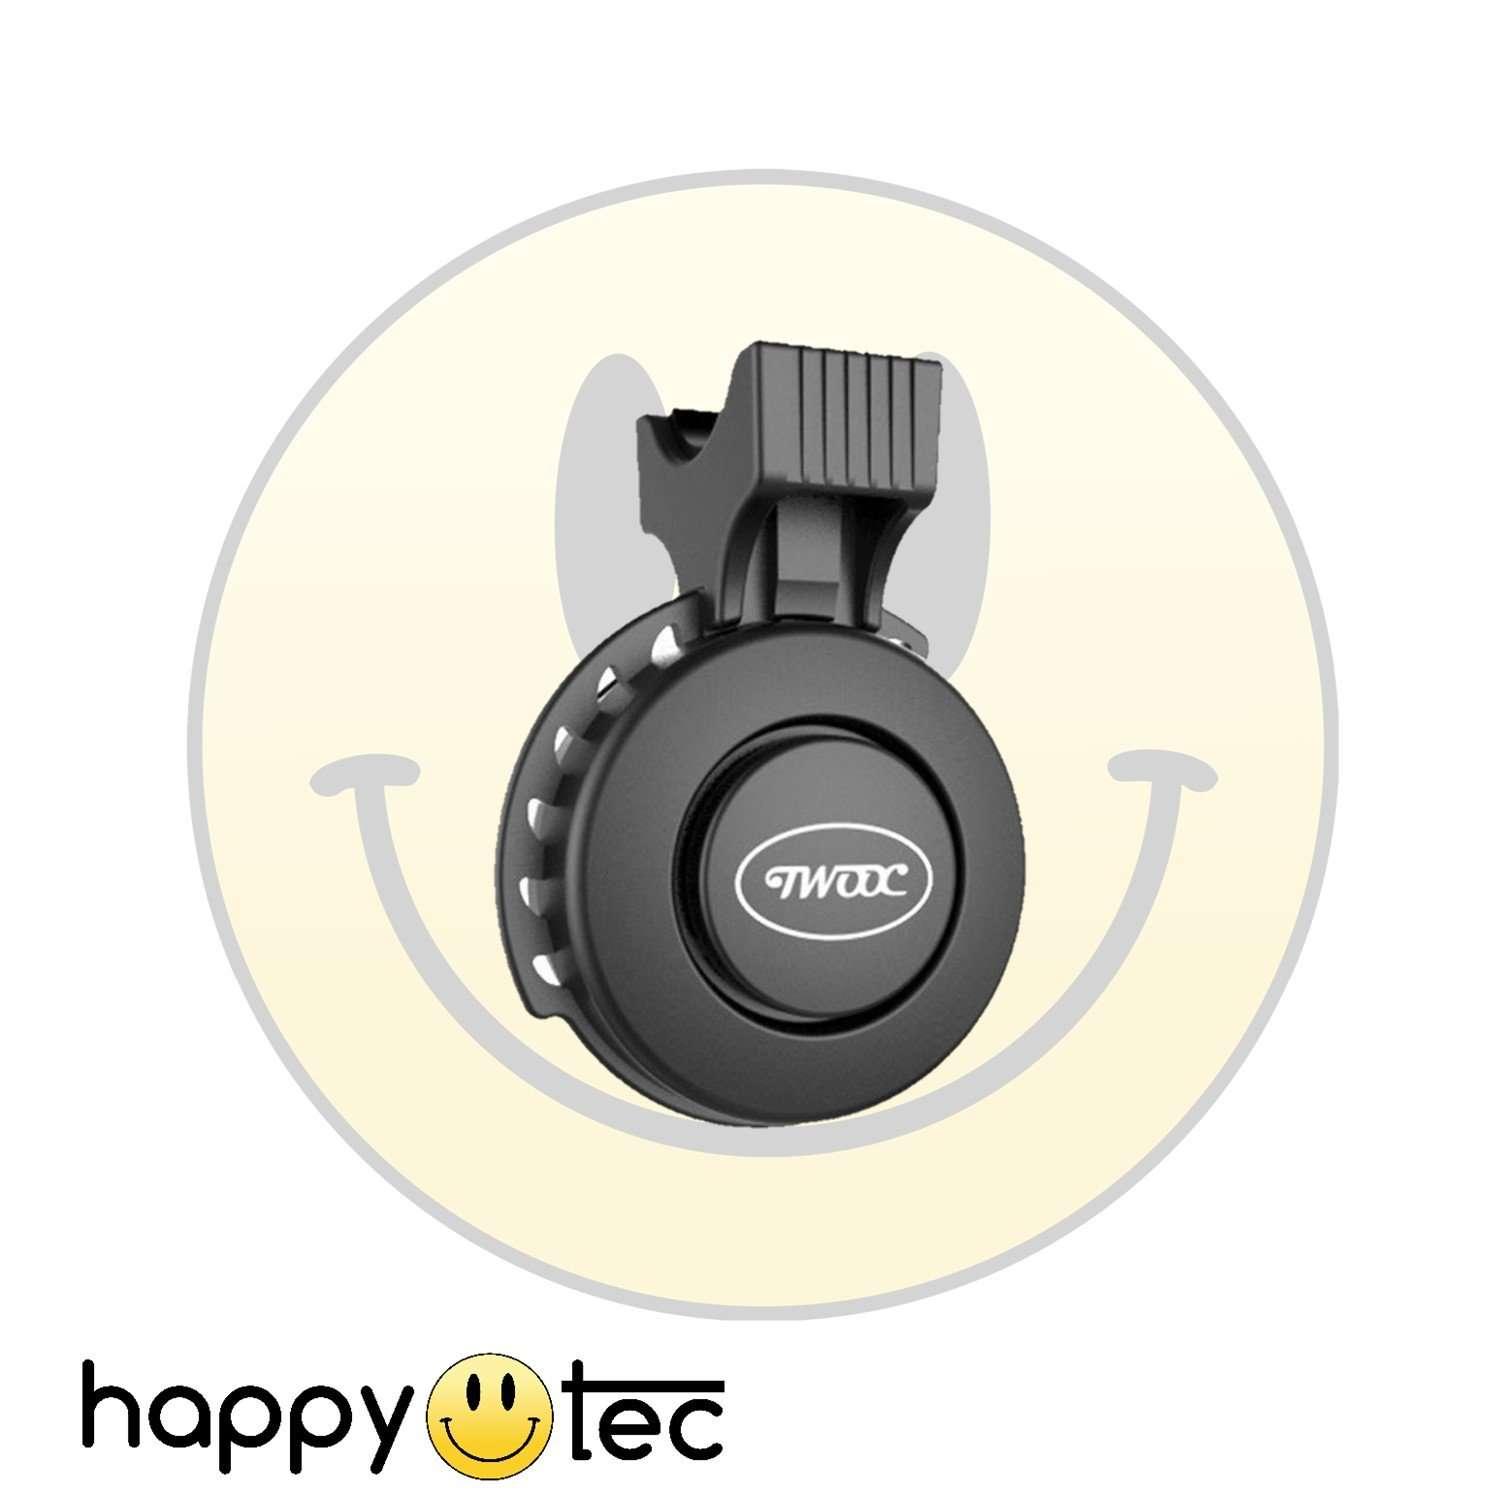 Campanello acustico elettronico Twooc | Nero